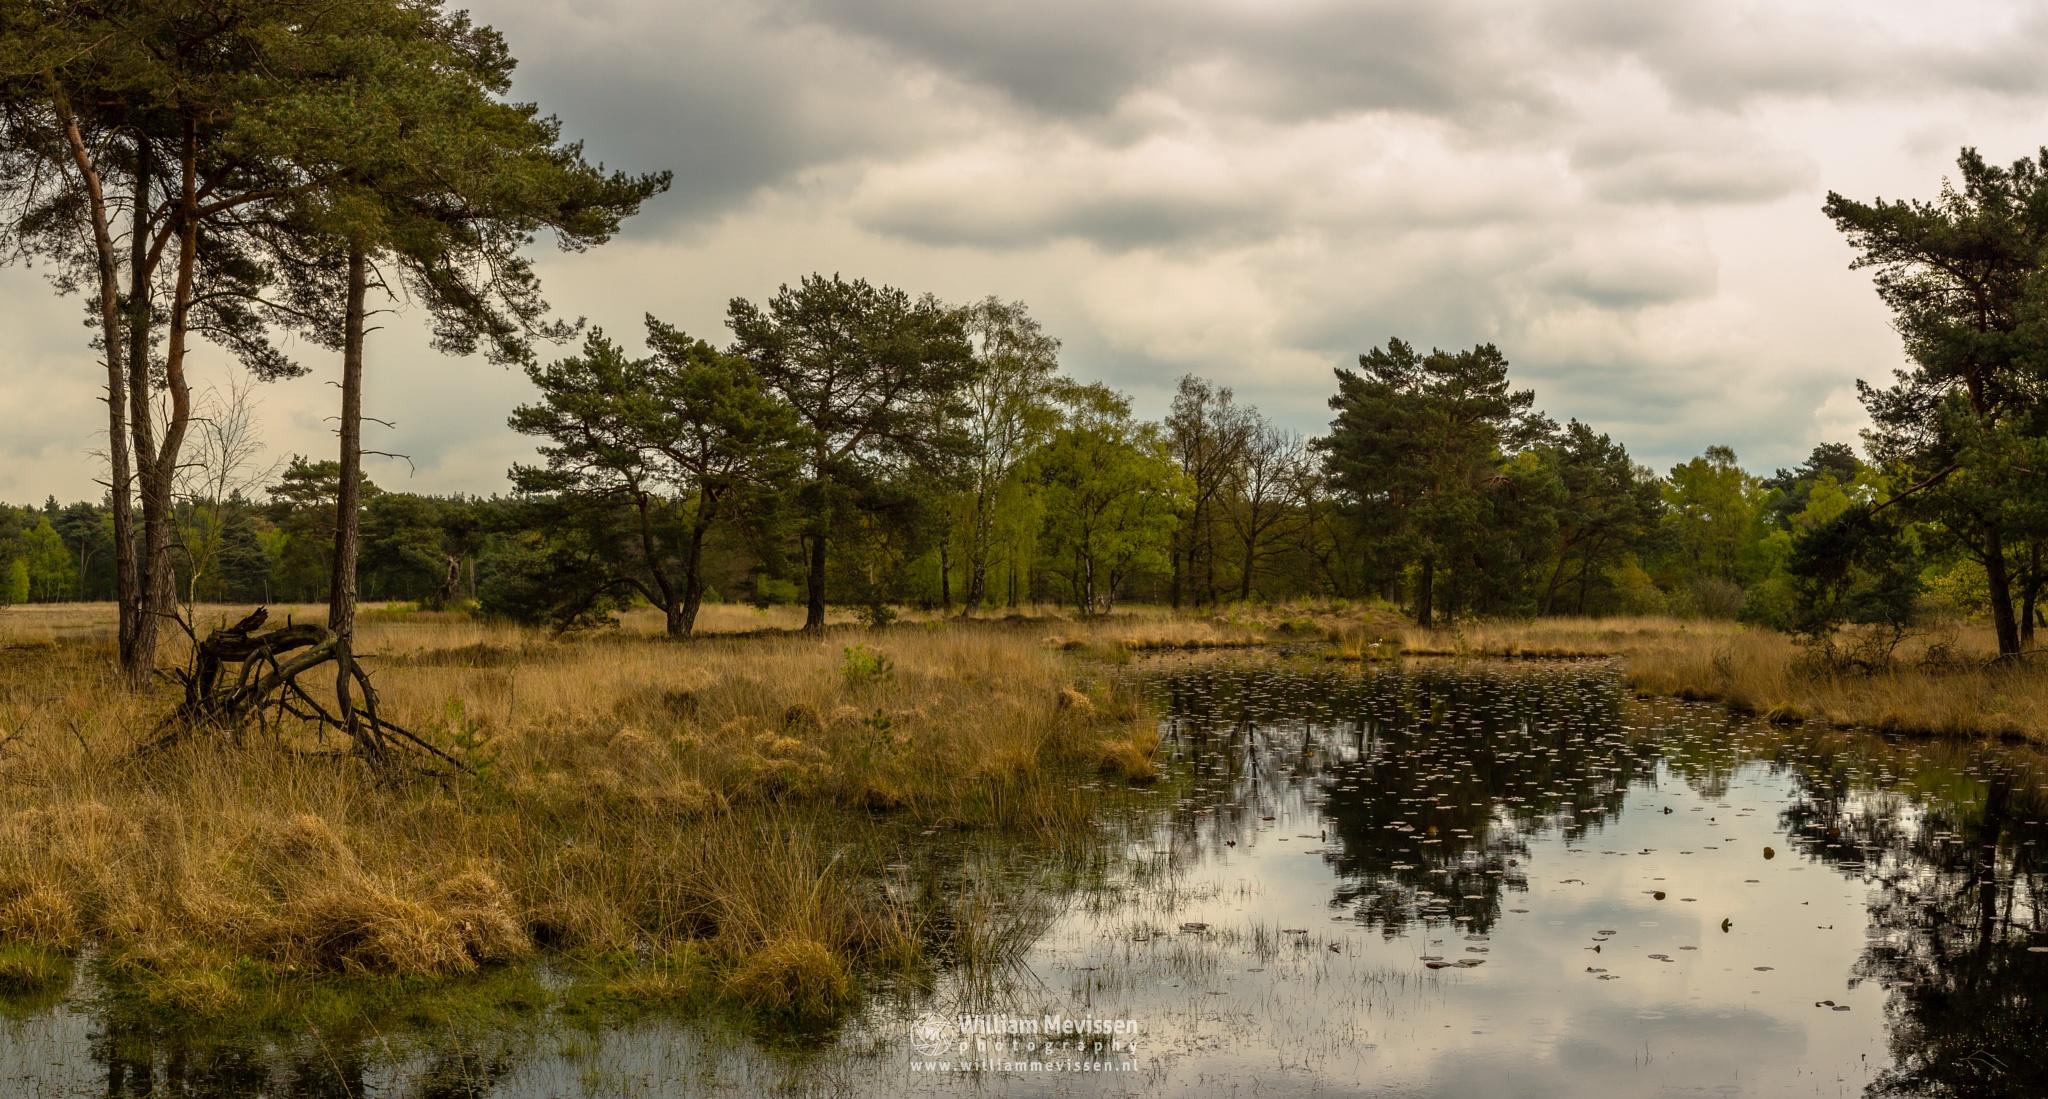 Panorama 'Ravenvennen'  by William Mevissen